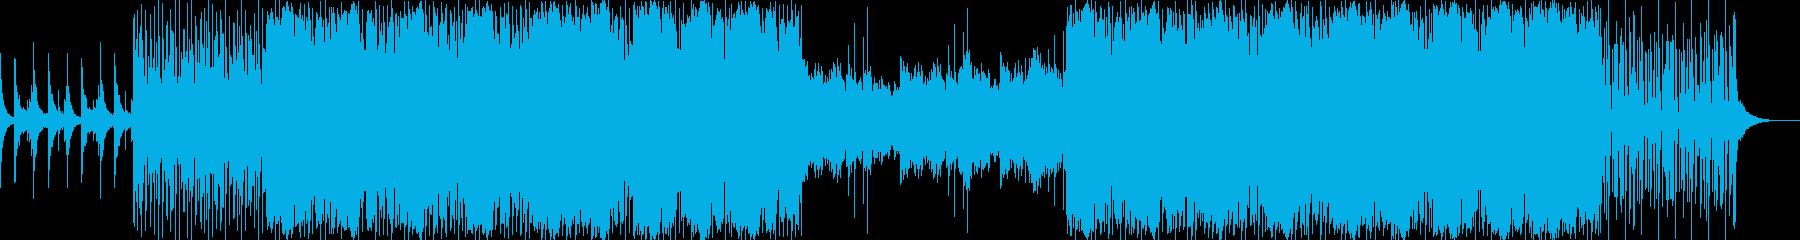 bpm120 暖かな男性ボーカルEDMの再生済みの波形